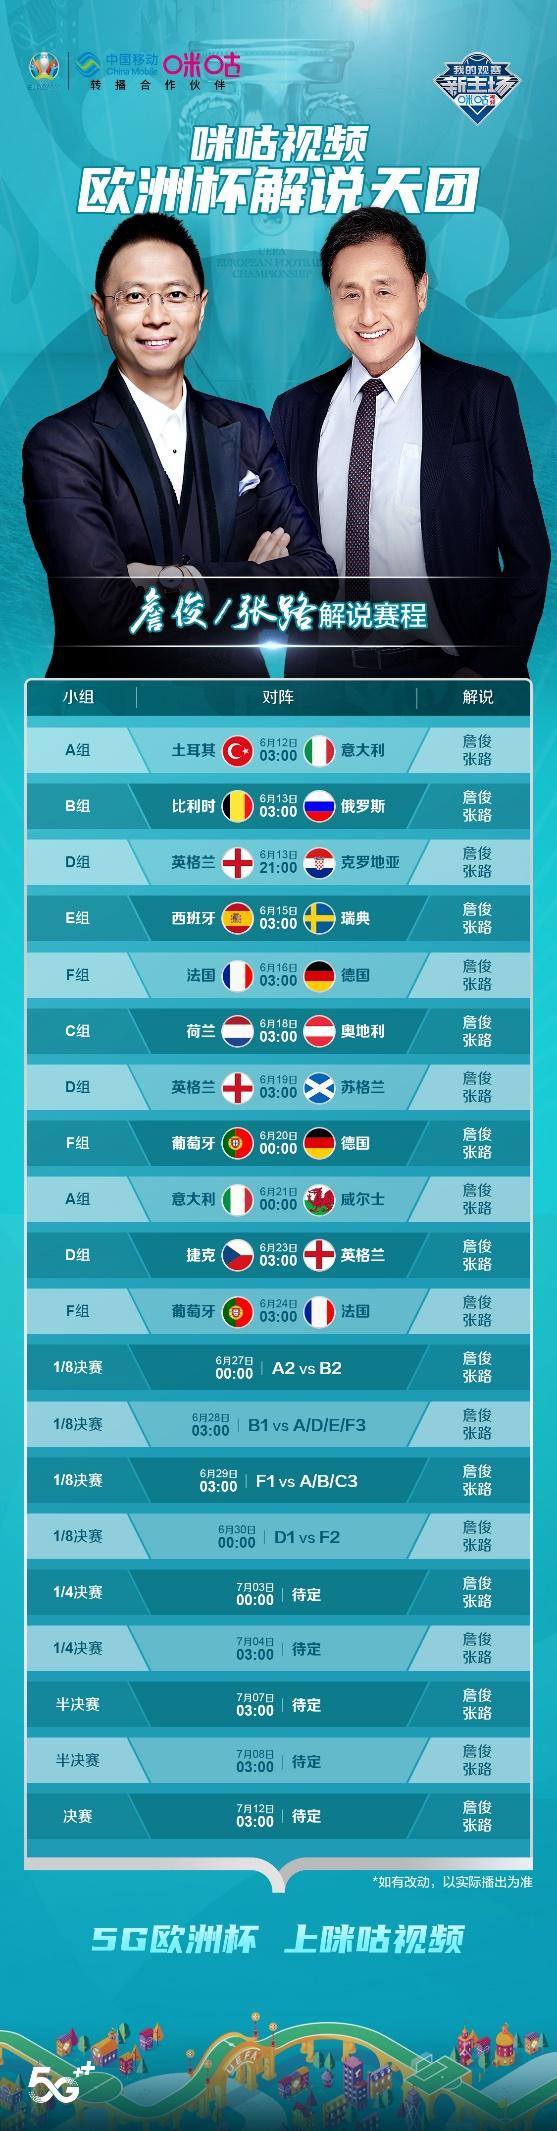 延迟到2021年开赛,但为什么还叫《2020欧洲杯》?